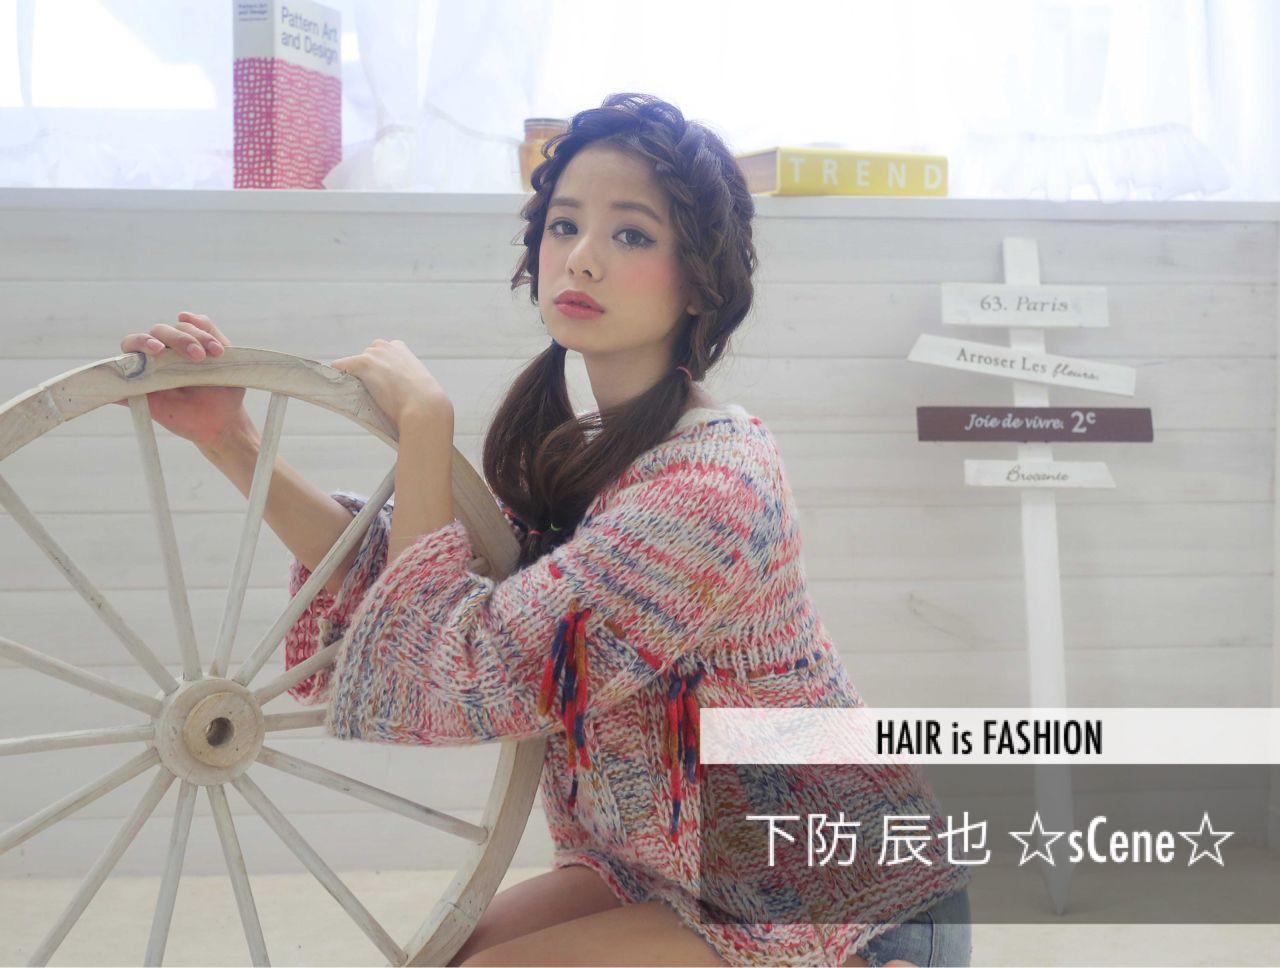 モード ウェーブ 三つ編み ヘアアレンジ ヘアスタイルや髪型の写真・画像